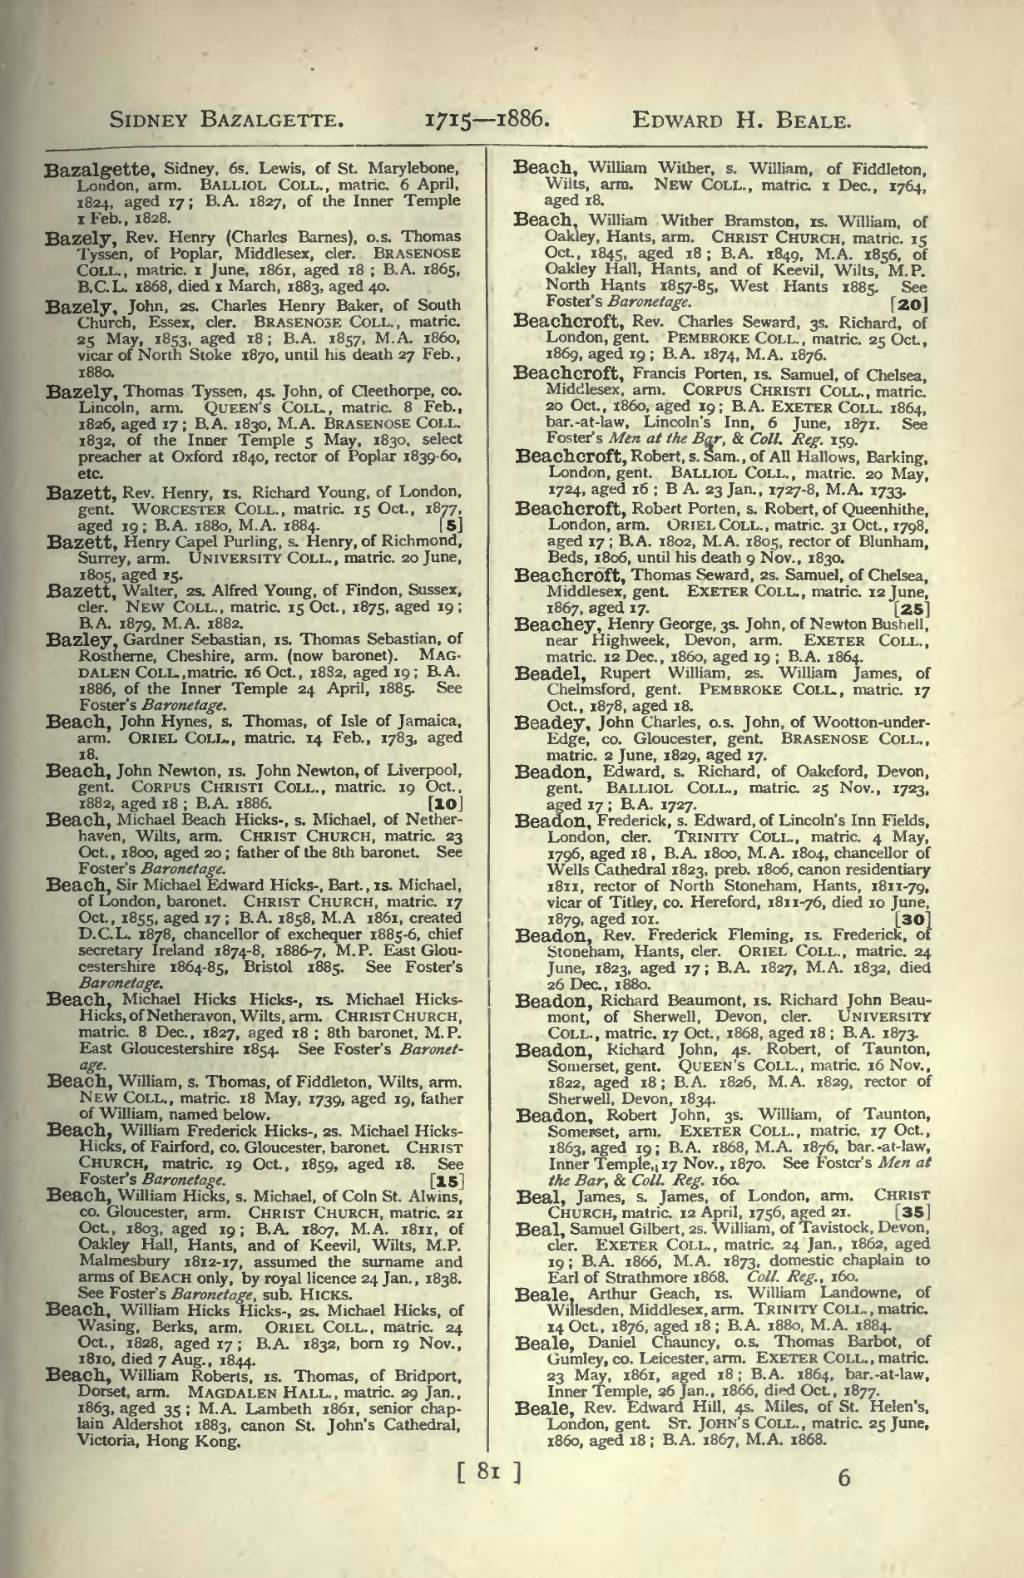 http://upload.wikimedia.org/wikipedia/commons/thumb/4/49/Alumni_Oxoniensis_%281715-1886%29_volume_1.djvu/page99-1024px-Alumni_Oxoniensis_%281715-1886%29_volume_1.djvu.jpg